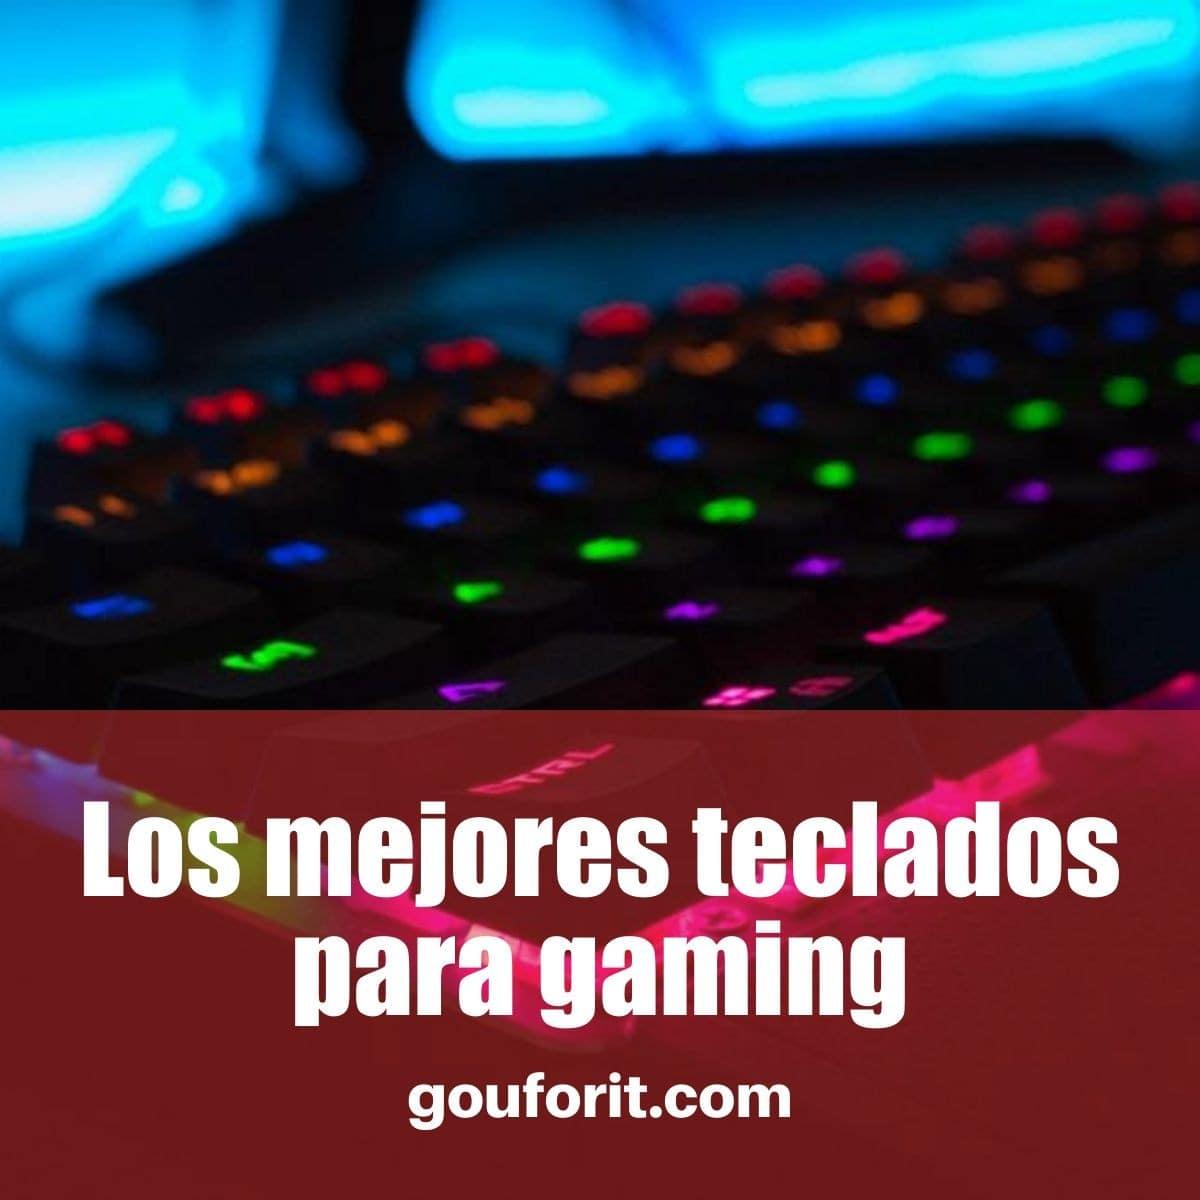 Los mejores teclados para gaming